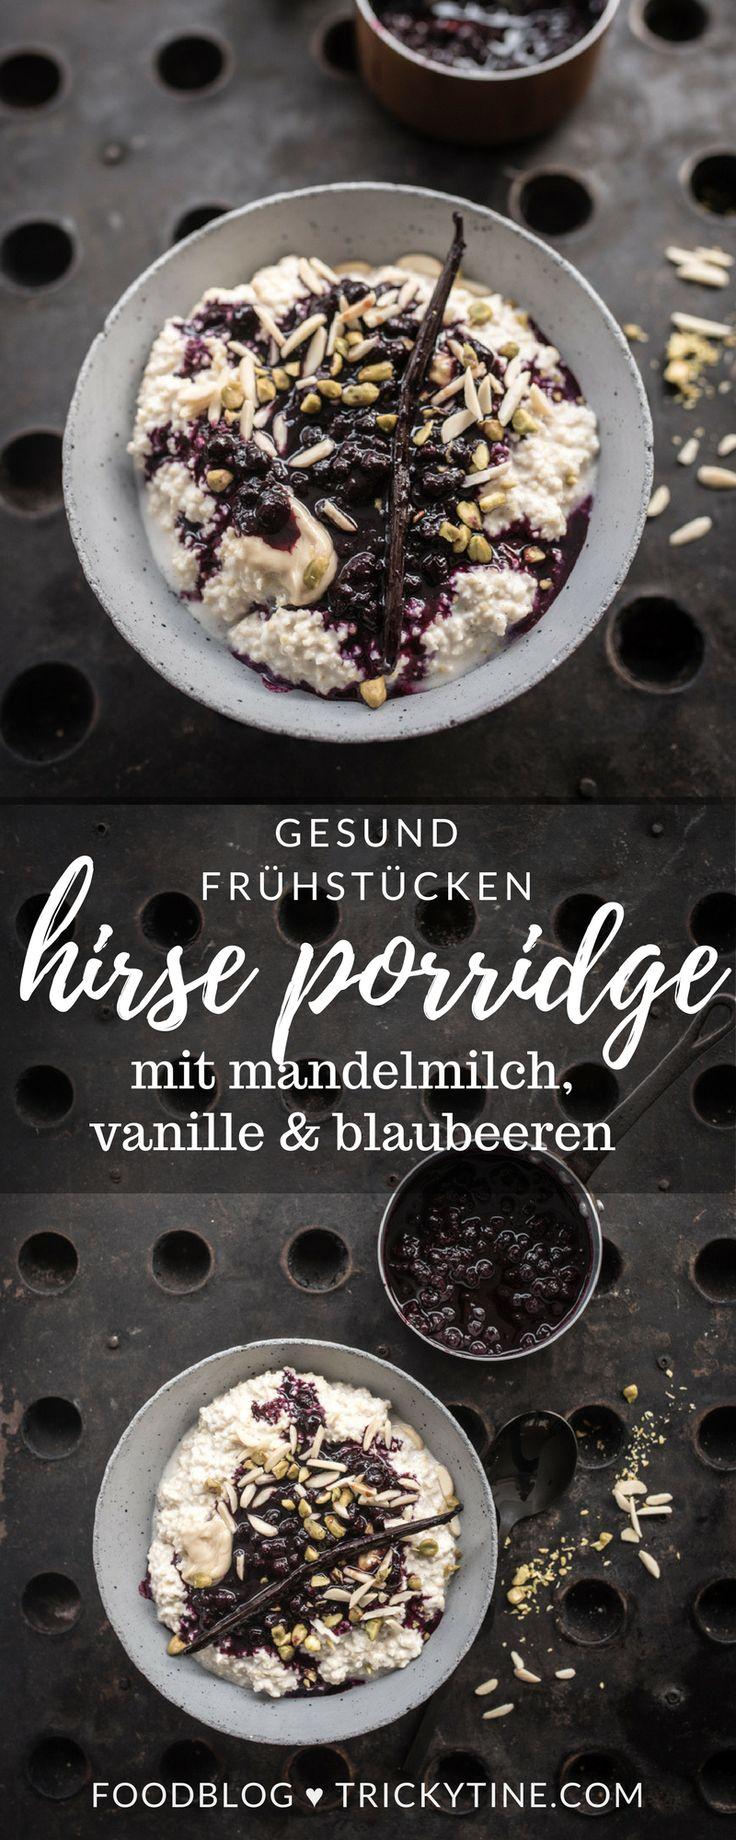 hirse porridge mit mandelmilch, vanille und blaubeer ragout – so gesund und lecker kann frühstück sein – trickytine